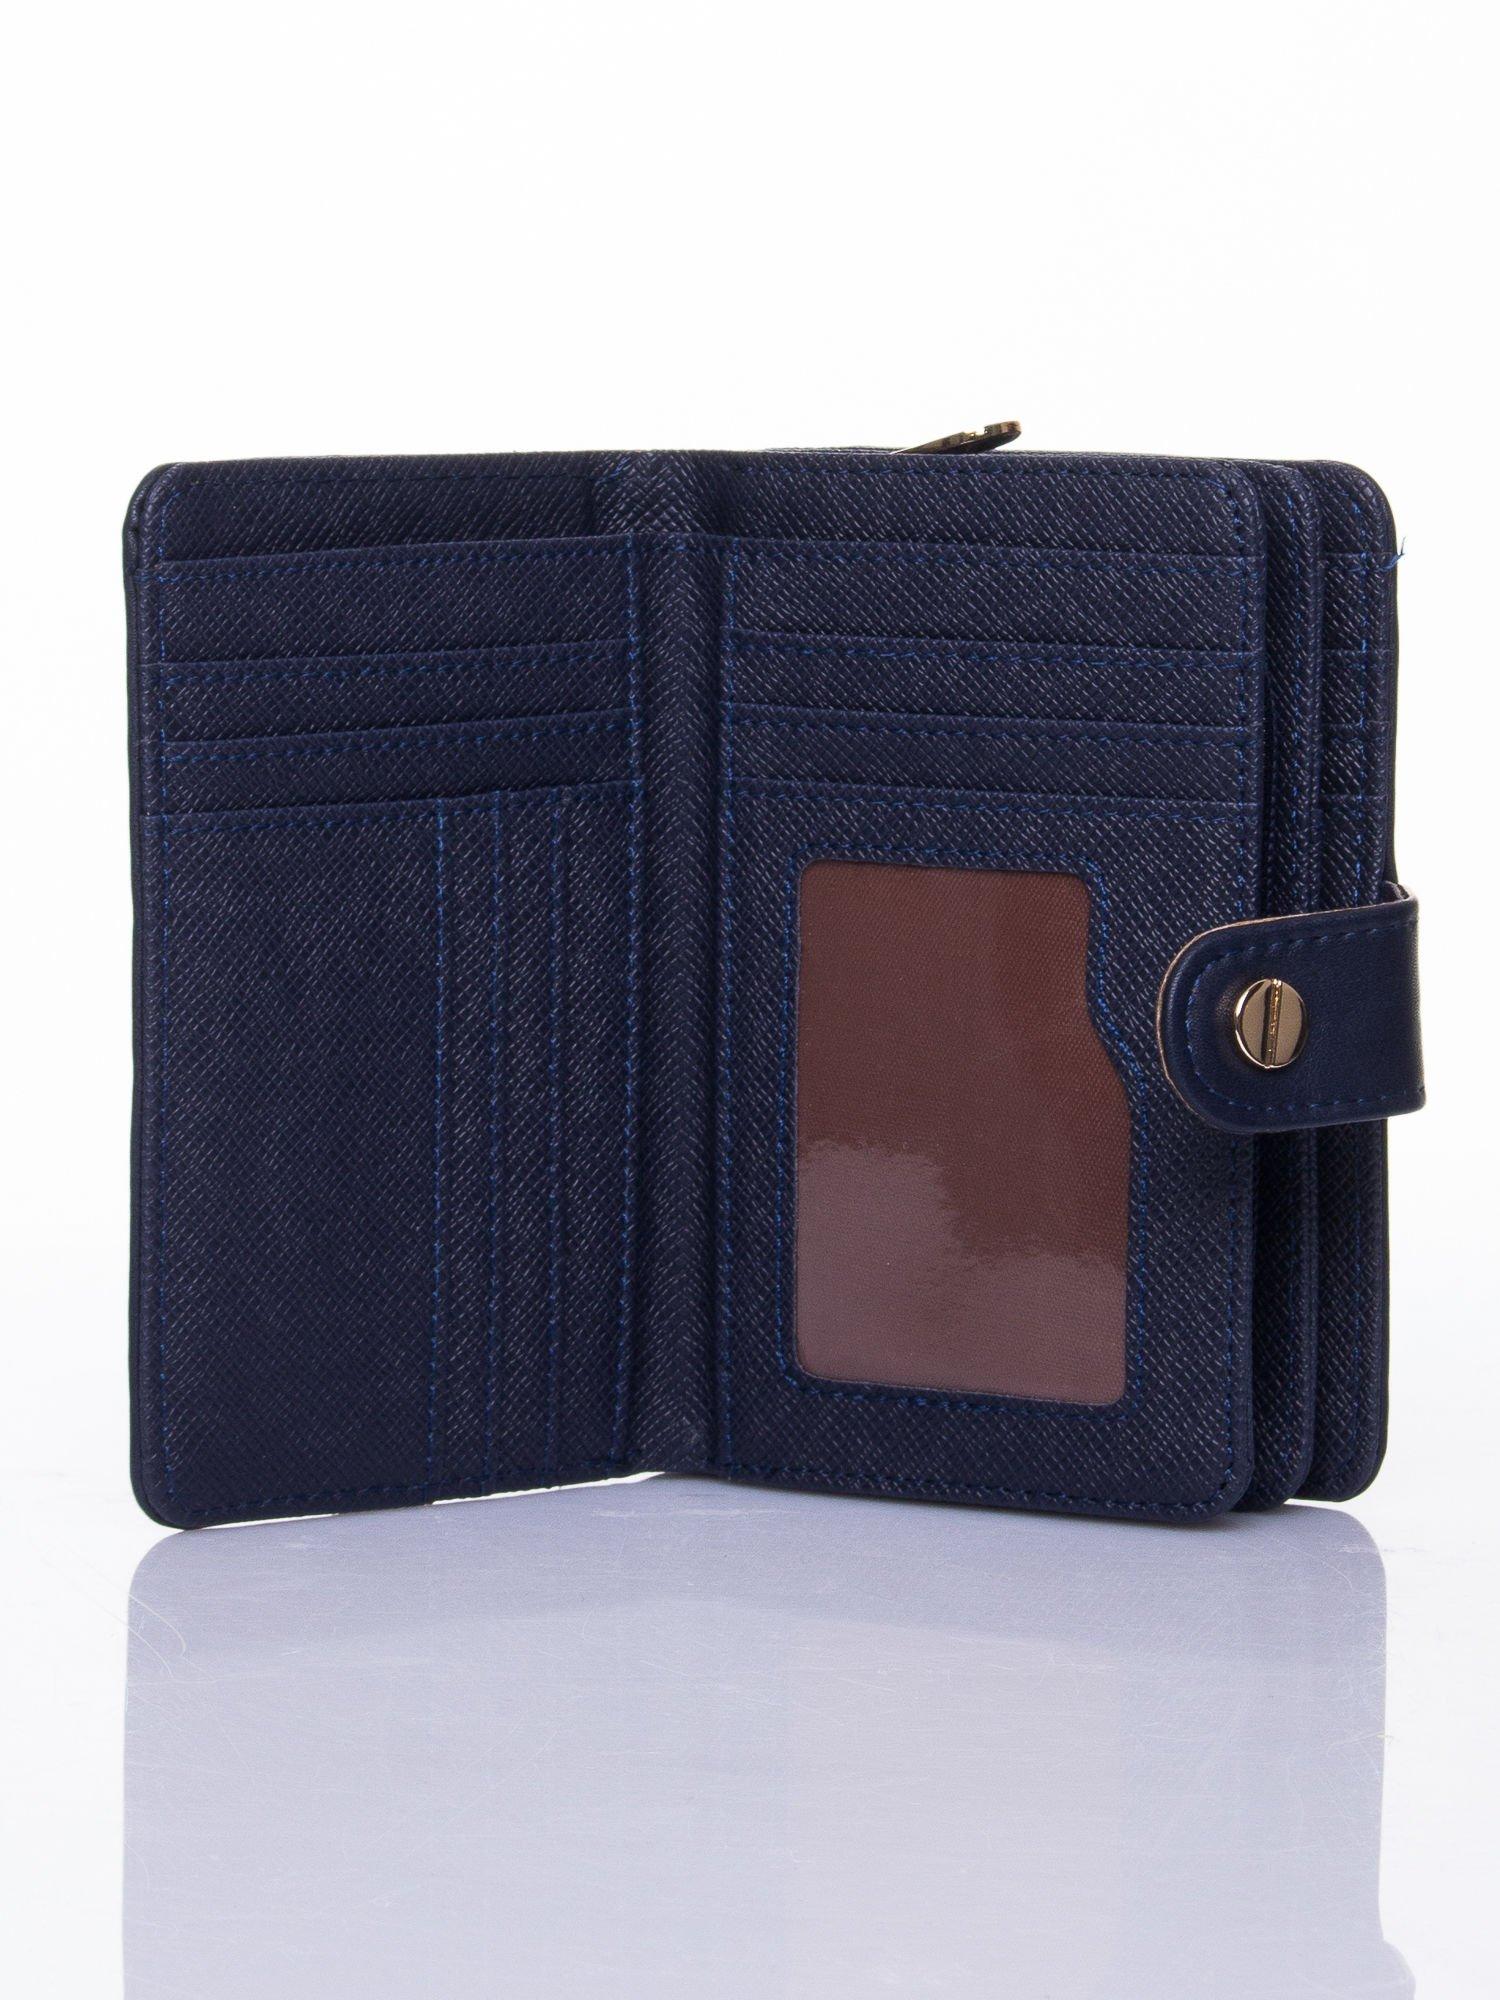 Granatowy portfel z zatrzaskiem                                  zdj.                                  5